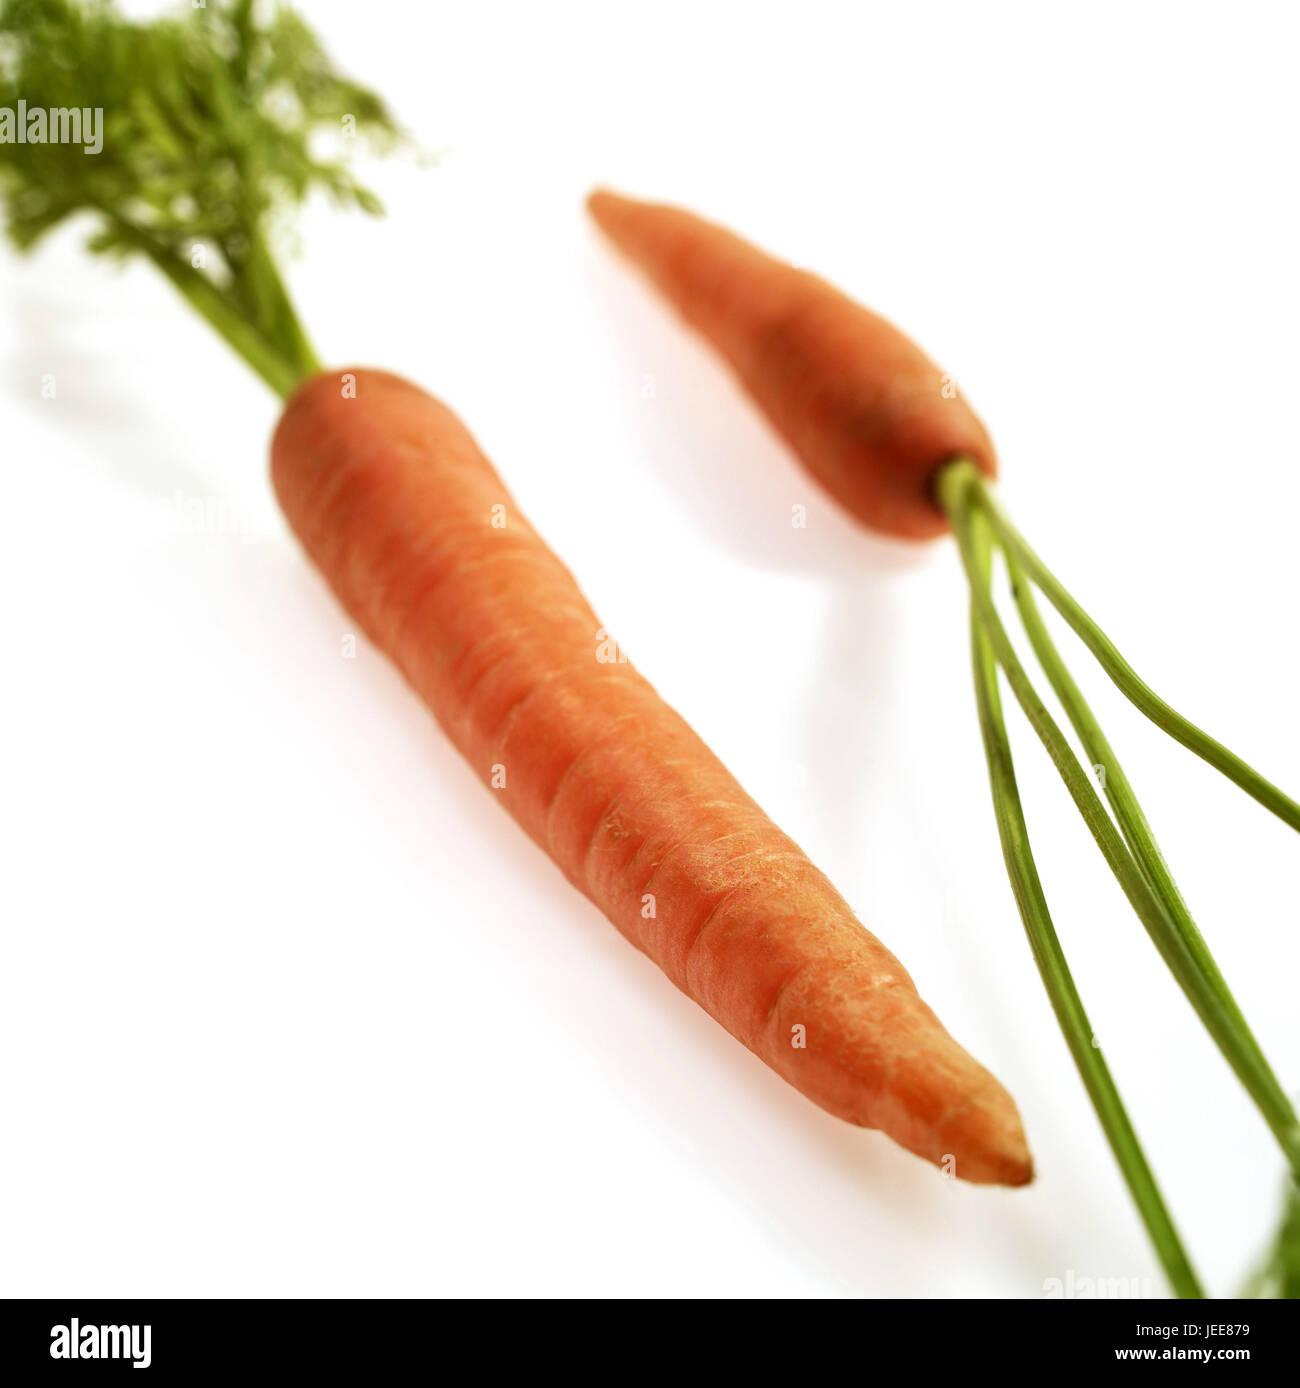 Salvaje Zanahoria Daucus Carota Verduras Fondo Blanco Fotografia De Stock Alamy El elixir de la zanahoria salvaje permite concentrarse o nuclearse en uno mismo pudiendo ver la vida desde sus propios ojos. alamy